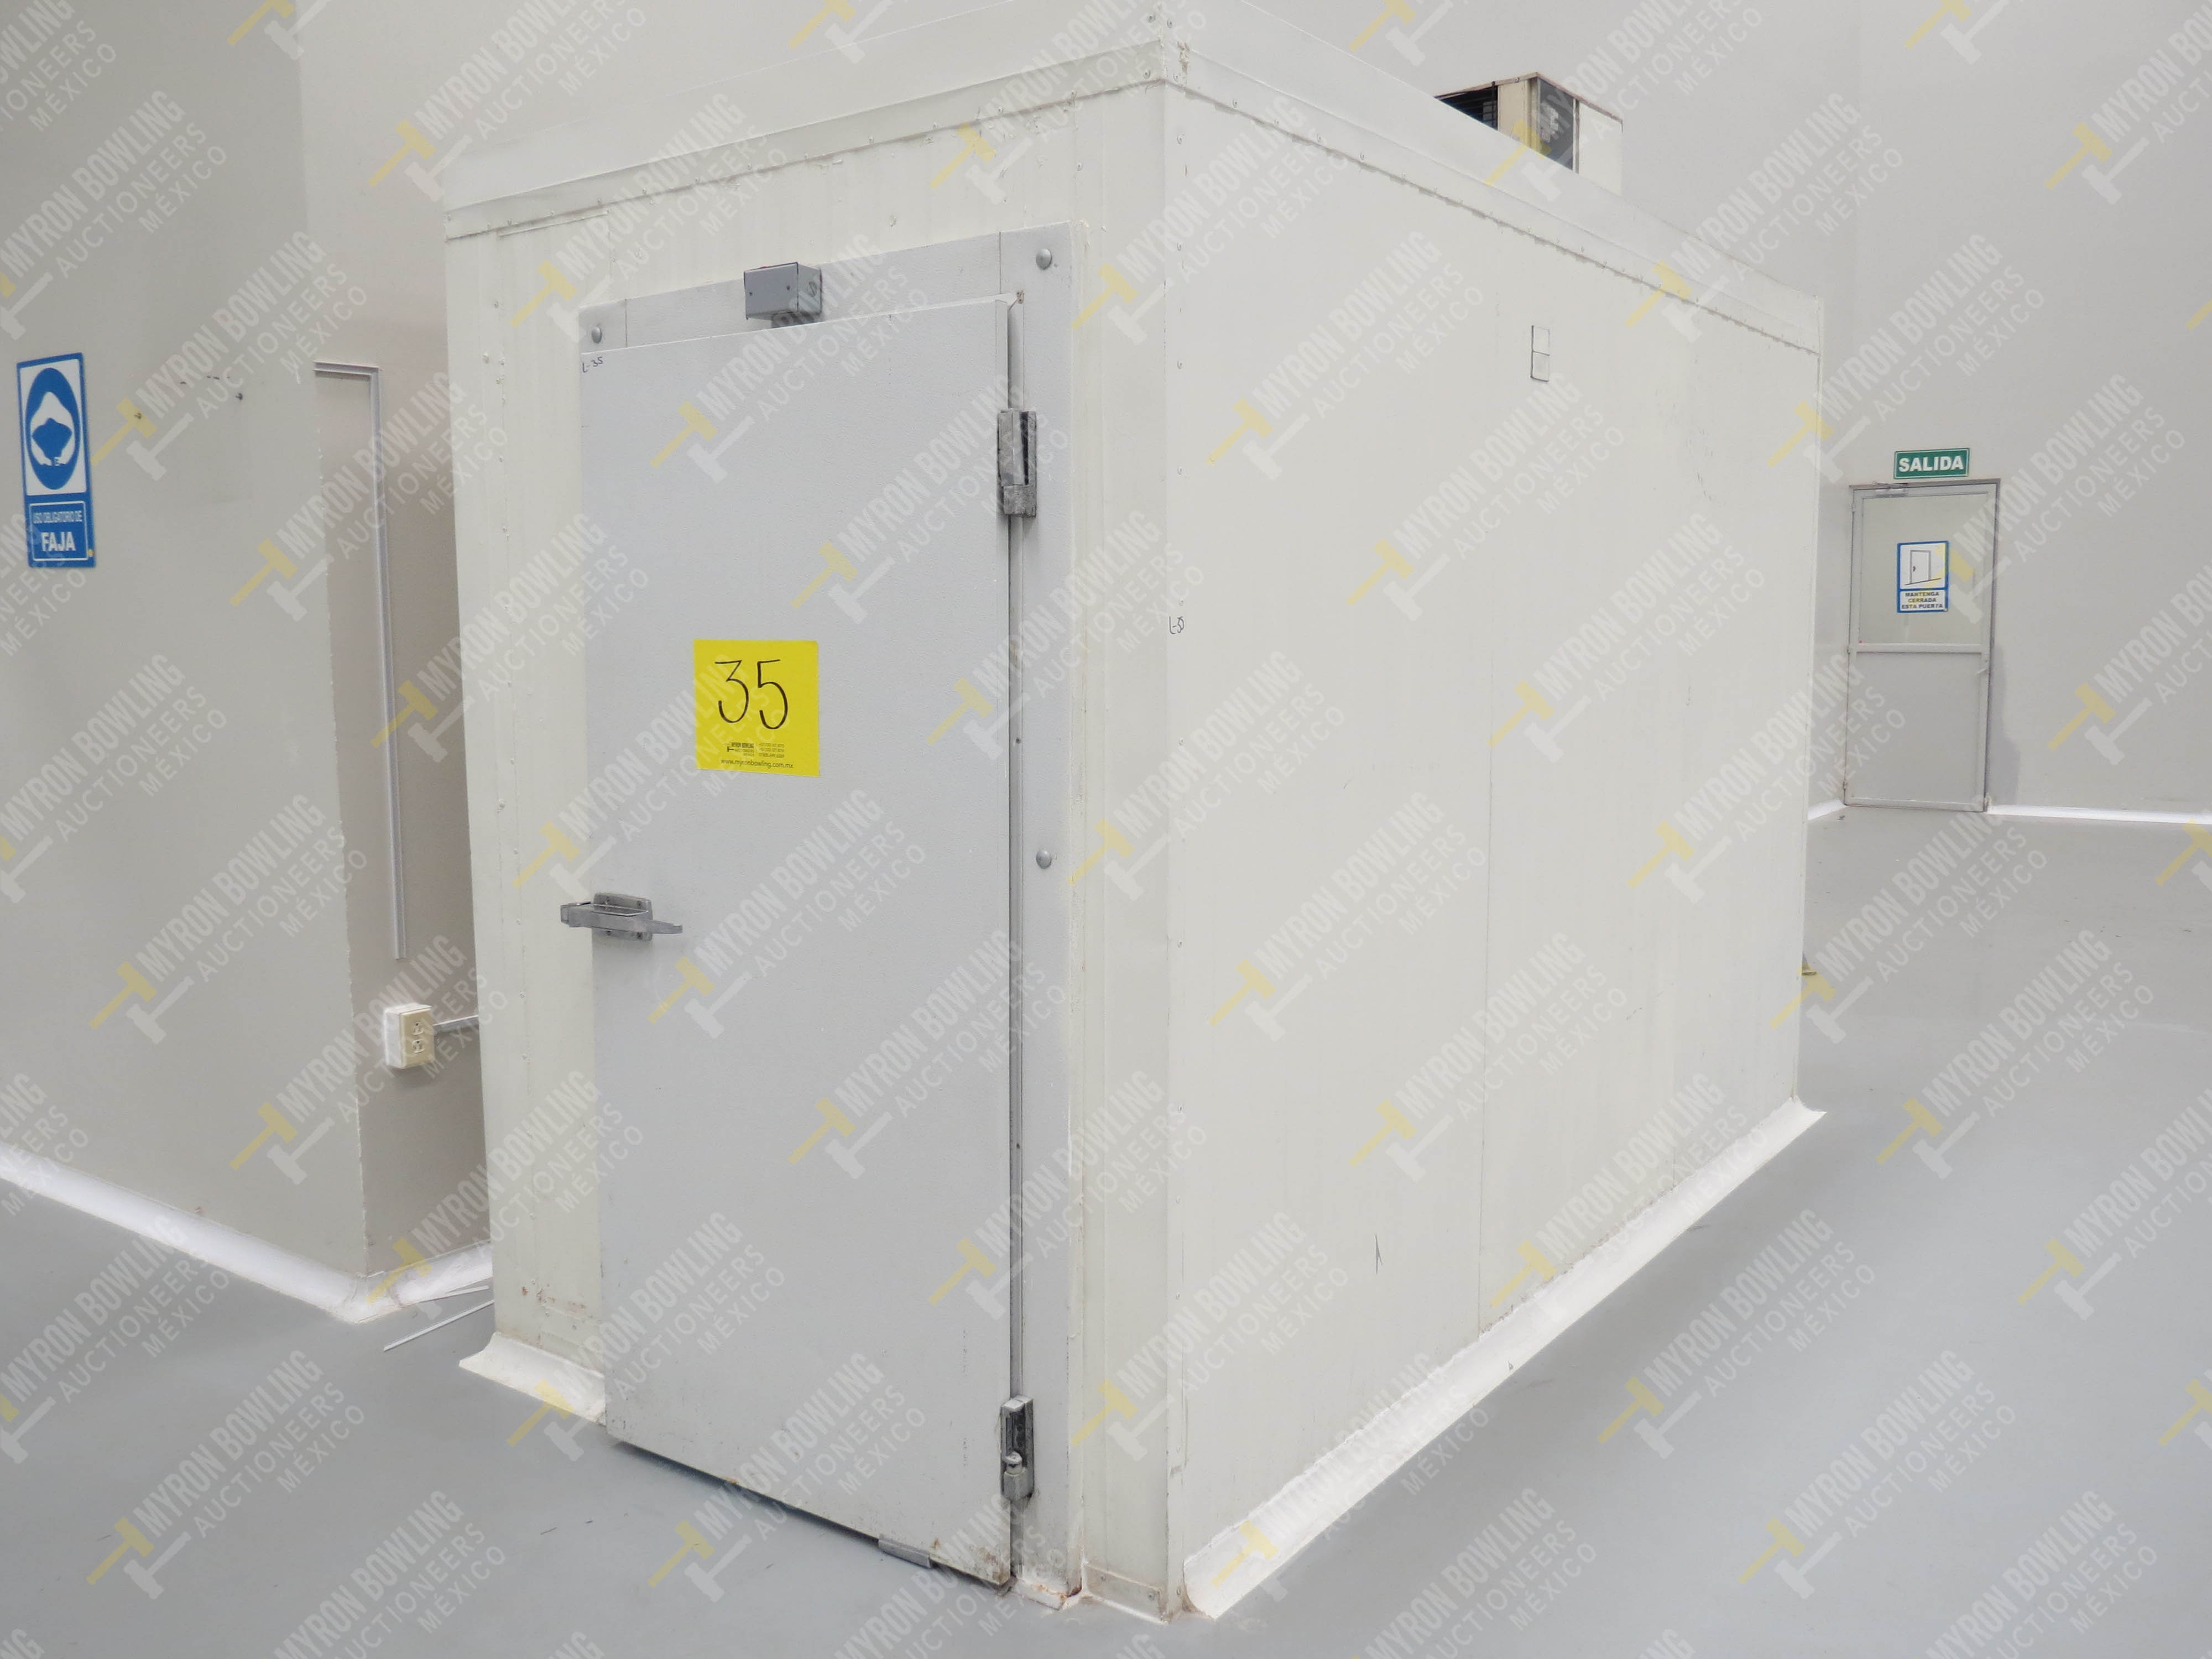 Cámara de conservación de alimentos marca Heatcraft, Modelo TL53BG, No. de Serie D07C01703